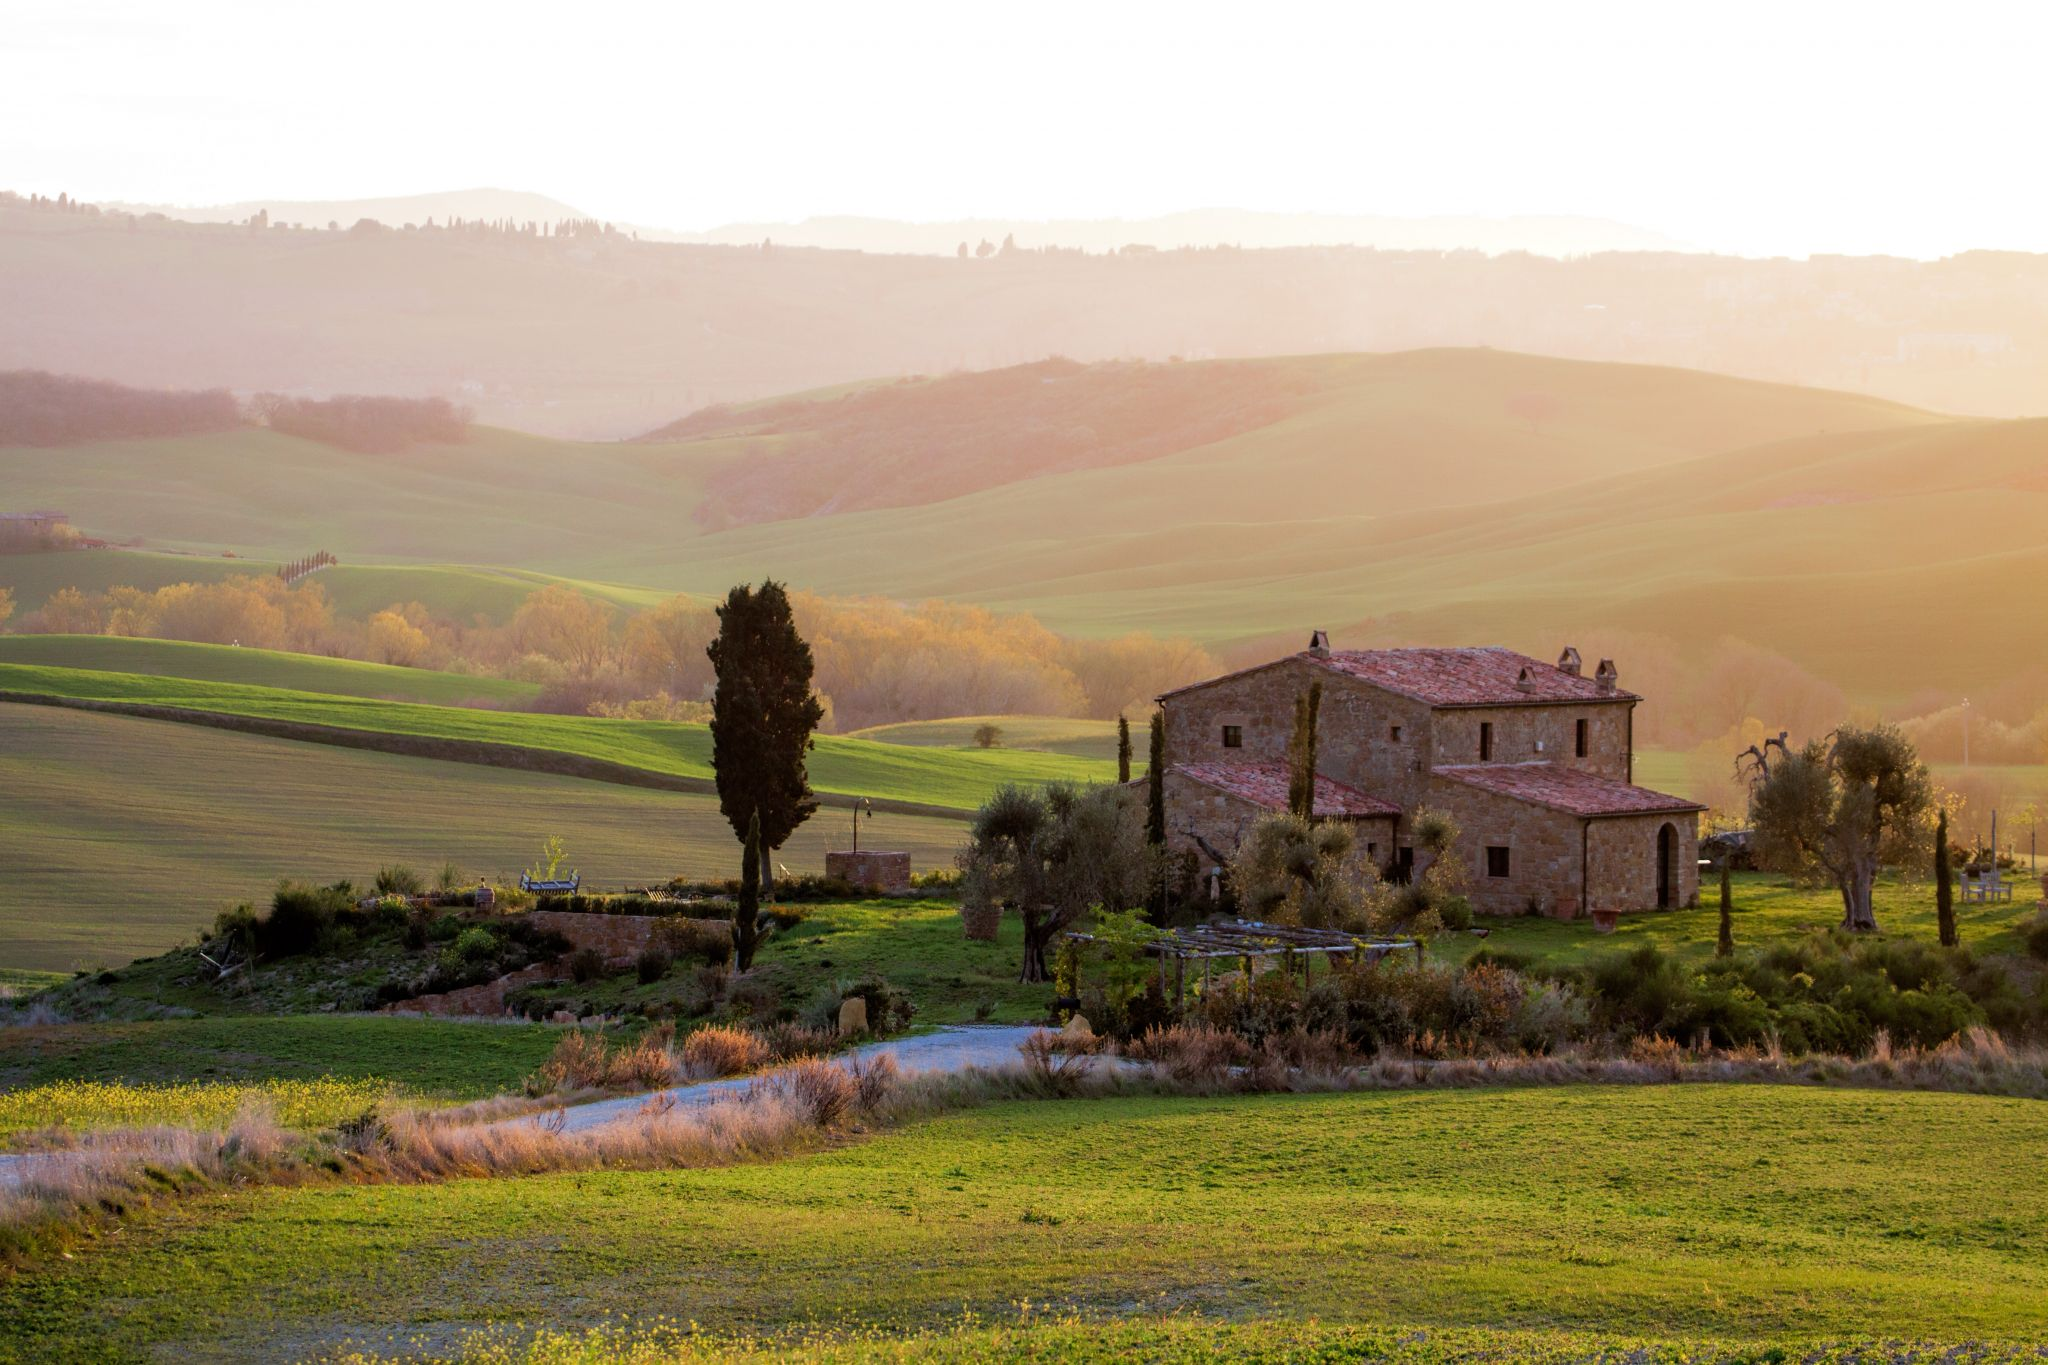 Tuscany near Pienza, Italy